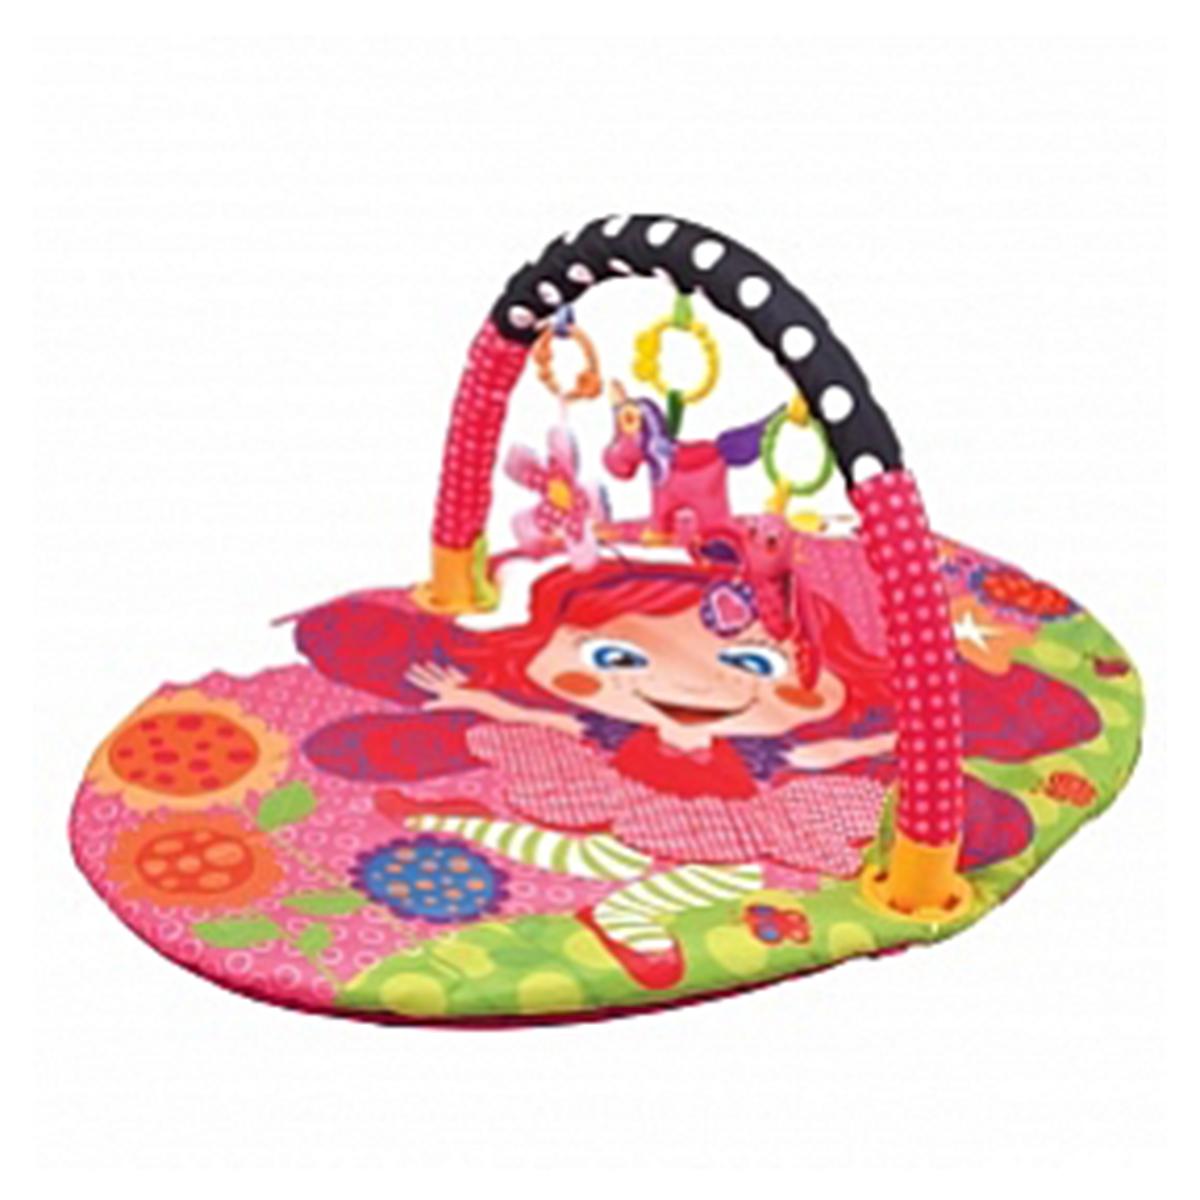 """Коврик детский развивающий с дугой """"Цветочная принцесса"""" 49386"""